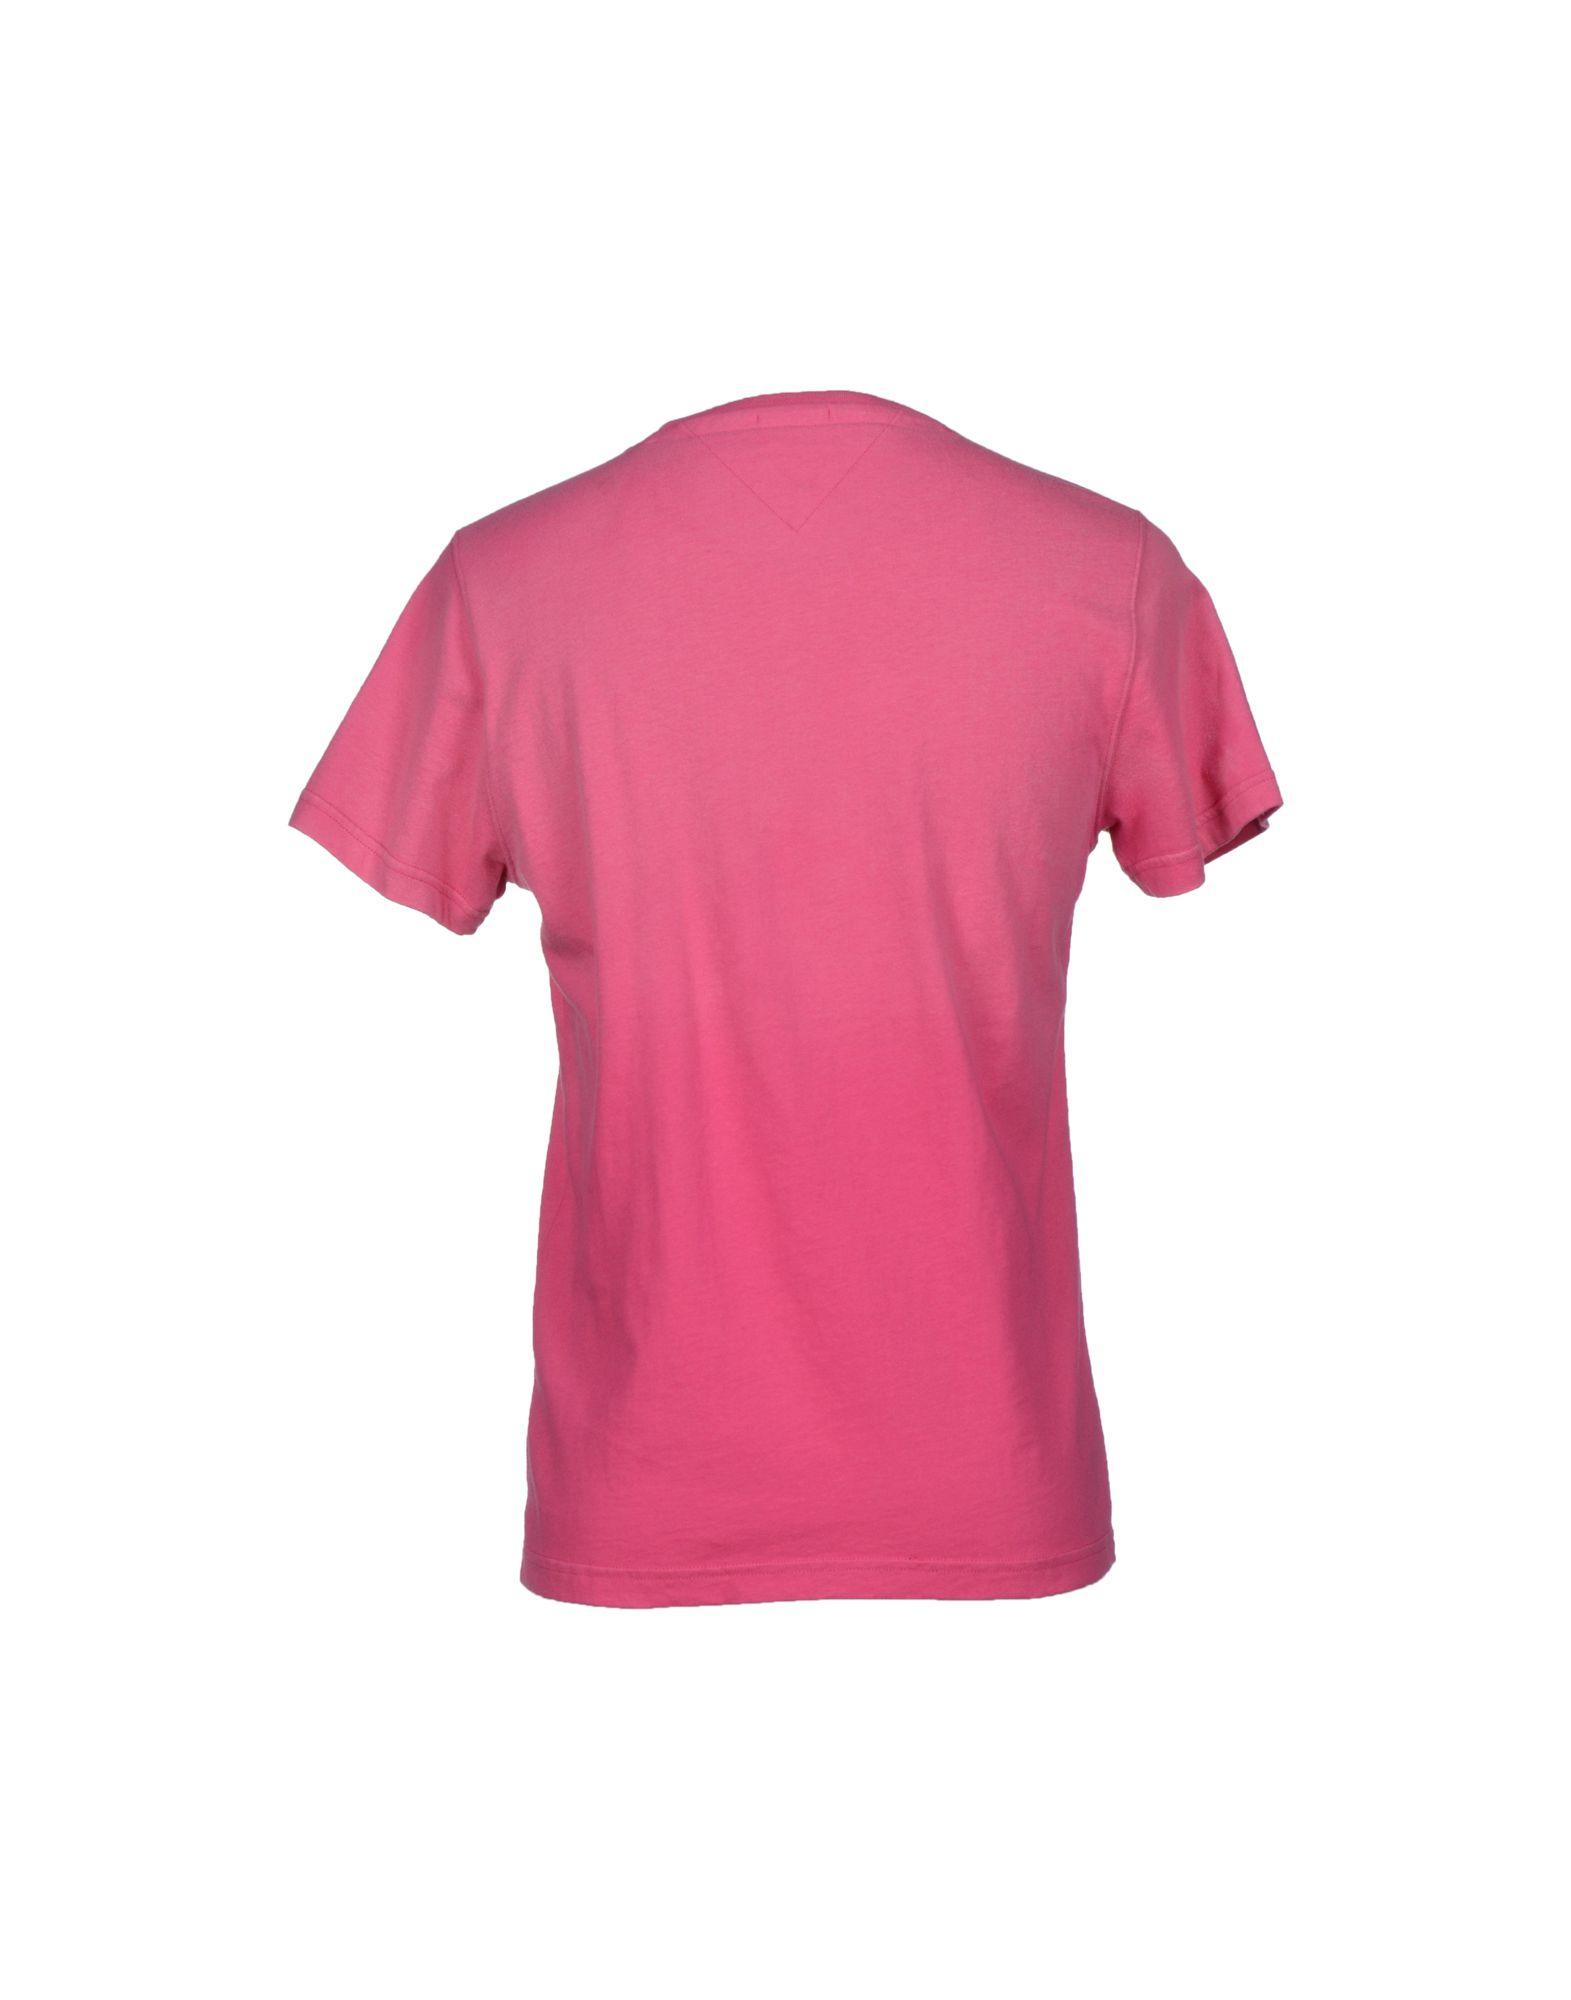 hilfiger denim t shirt in pink for men lyst. Black Bedroom Furniture Sets. Home Design Ideas